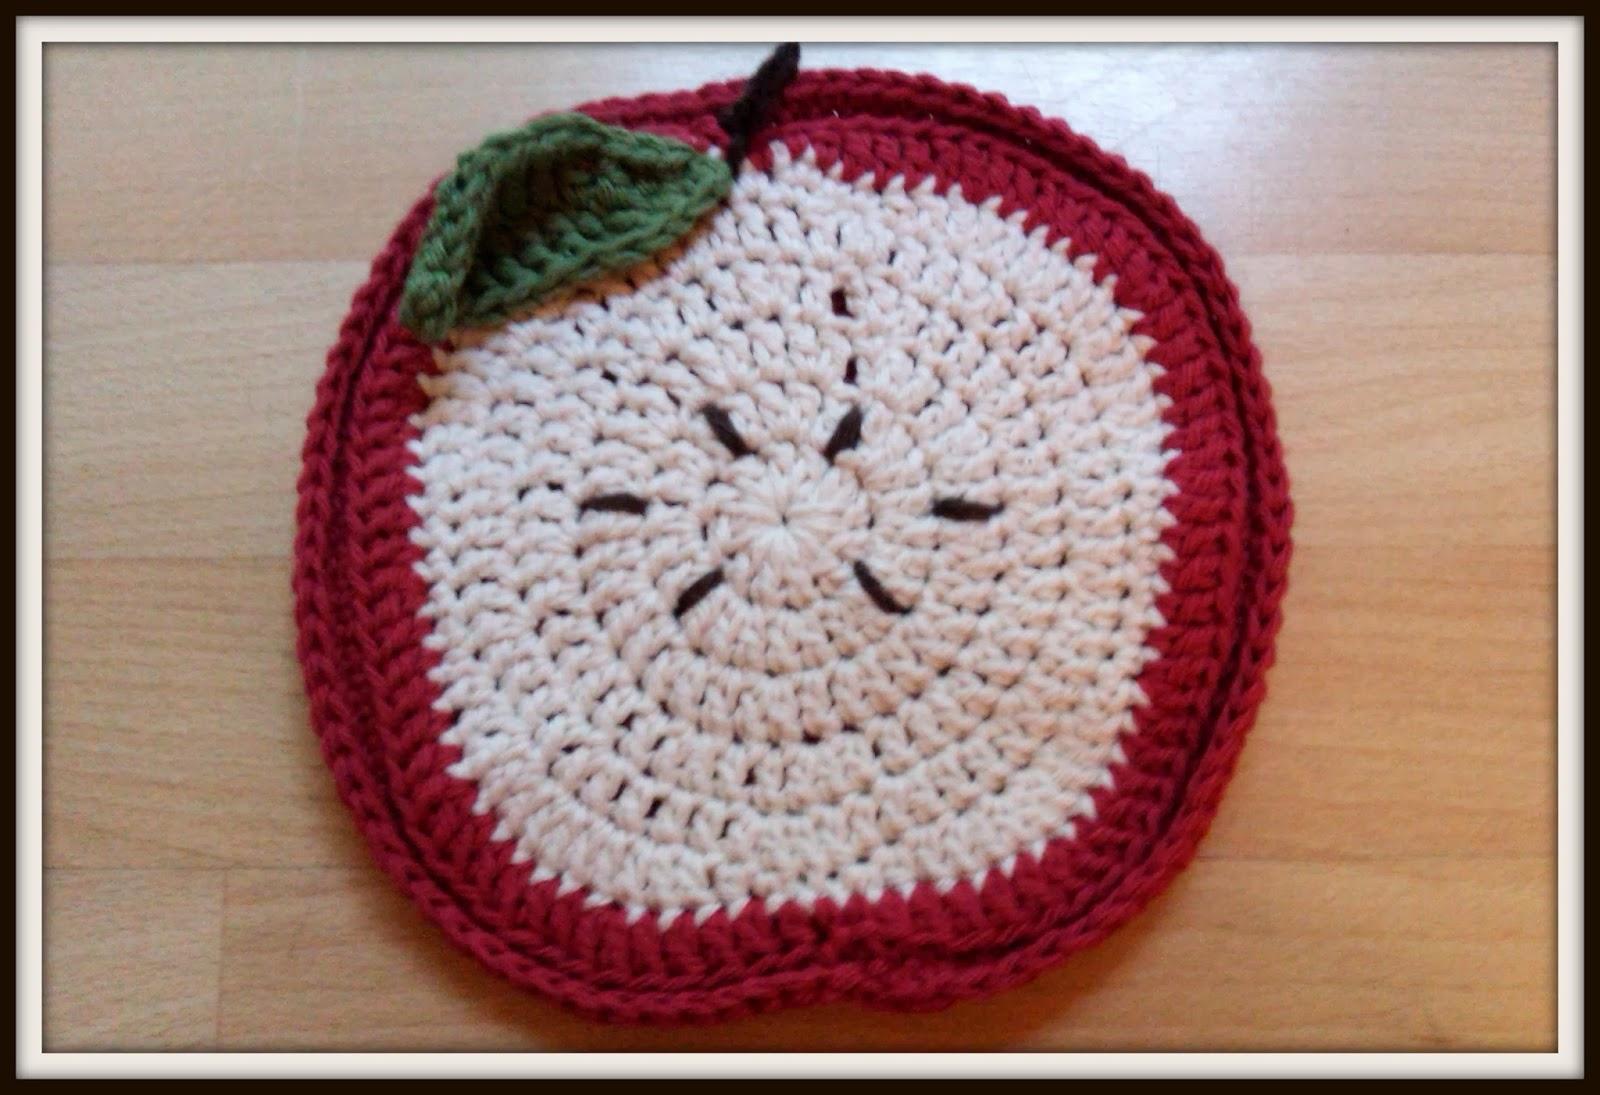 Crochet Trivets Free Pattern Double Treble Craft Adventures Crochet Apple Trivet Free Pattern